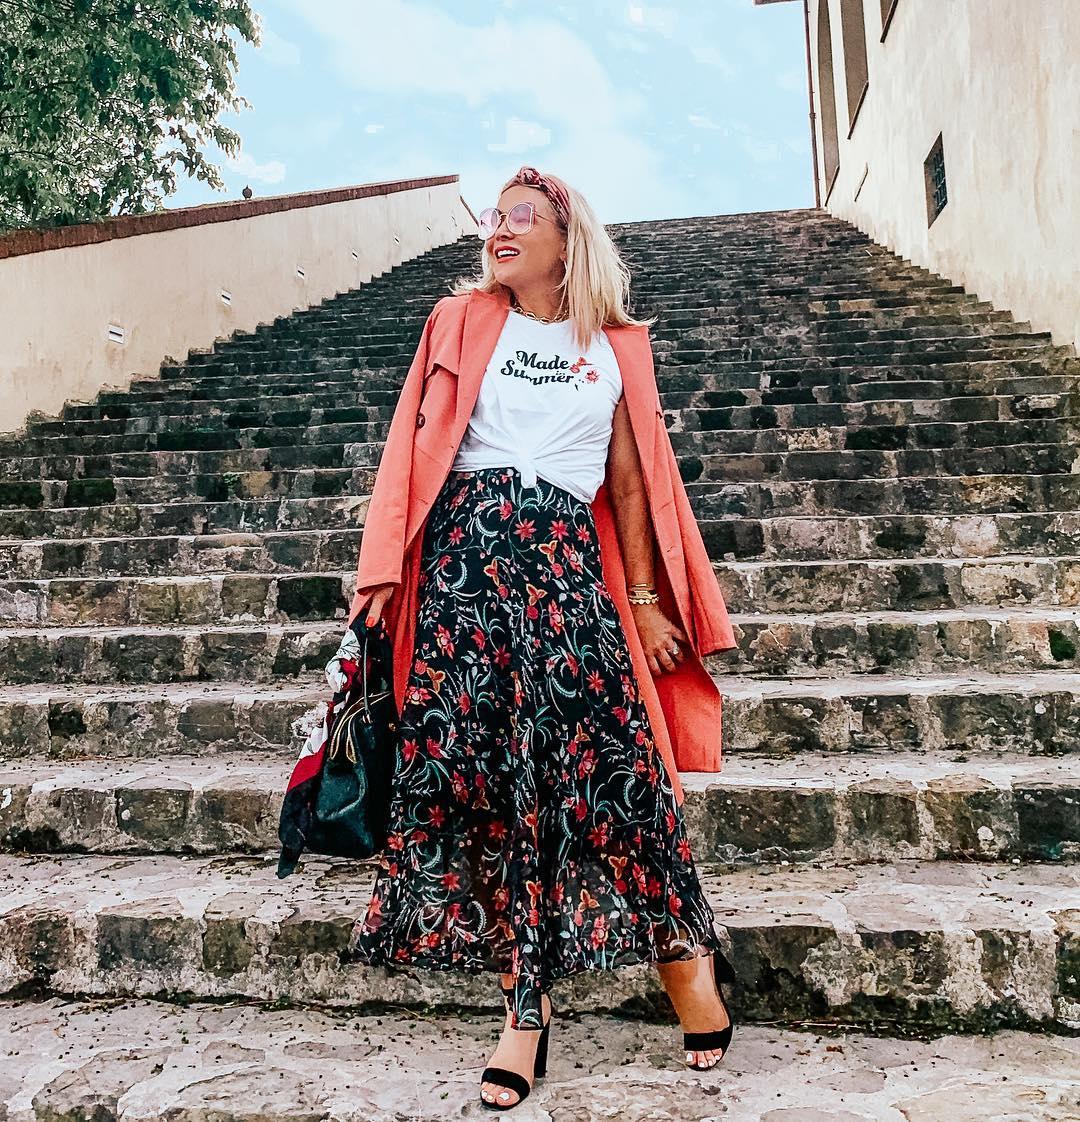 летний уличный стиль 2019 для женщин 40-50 лет фото 2